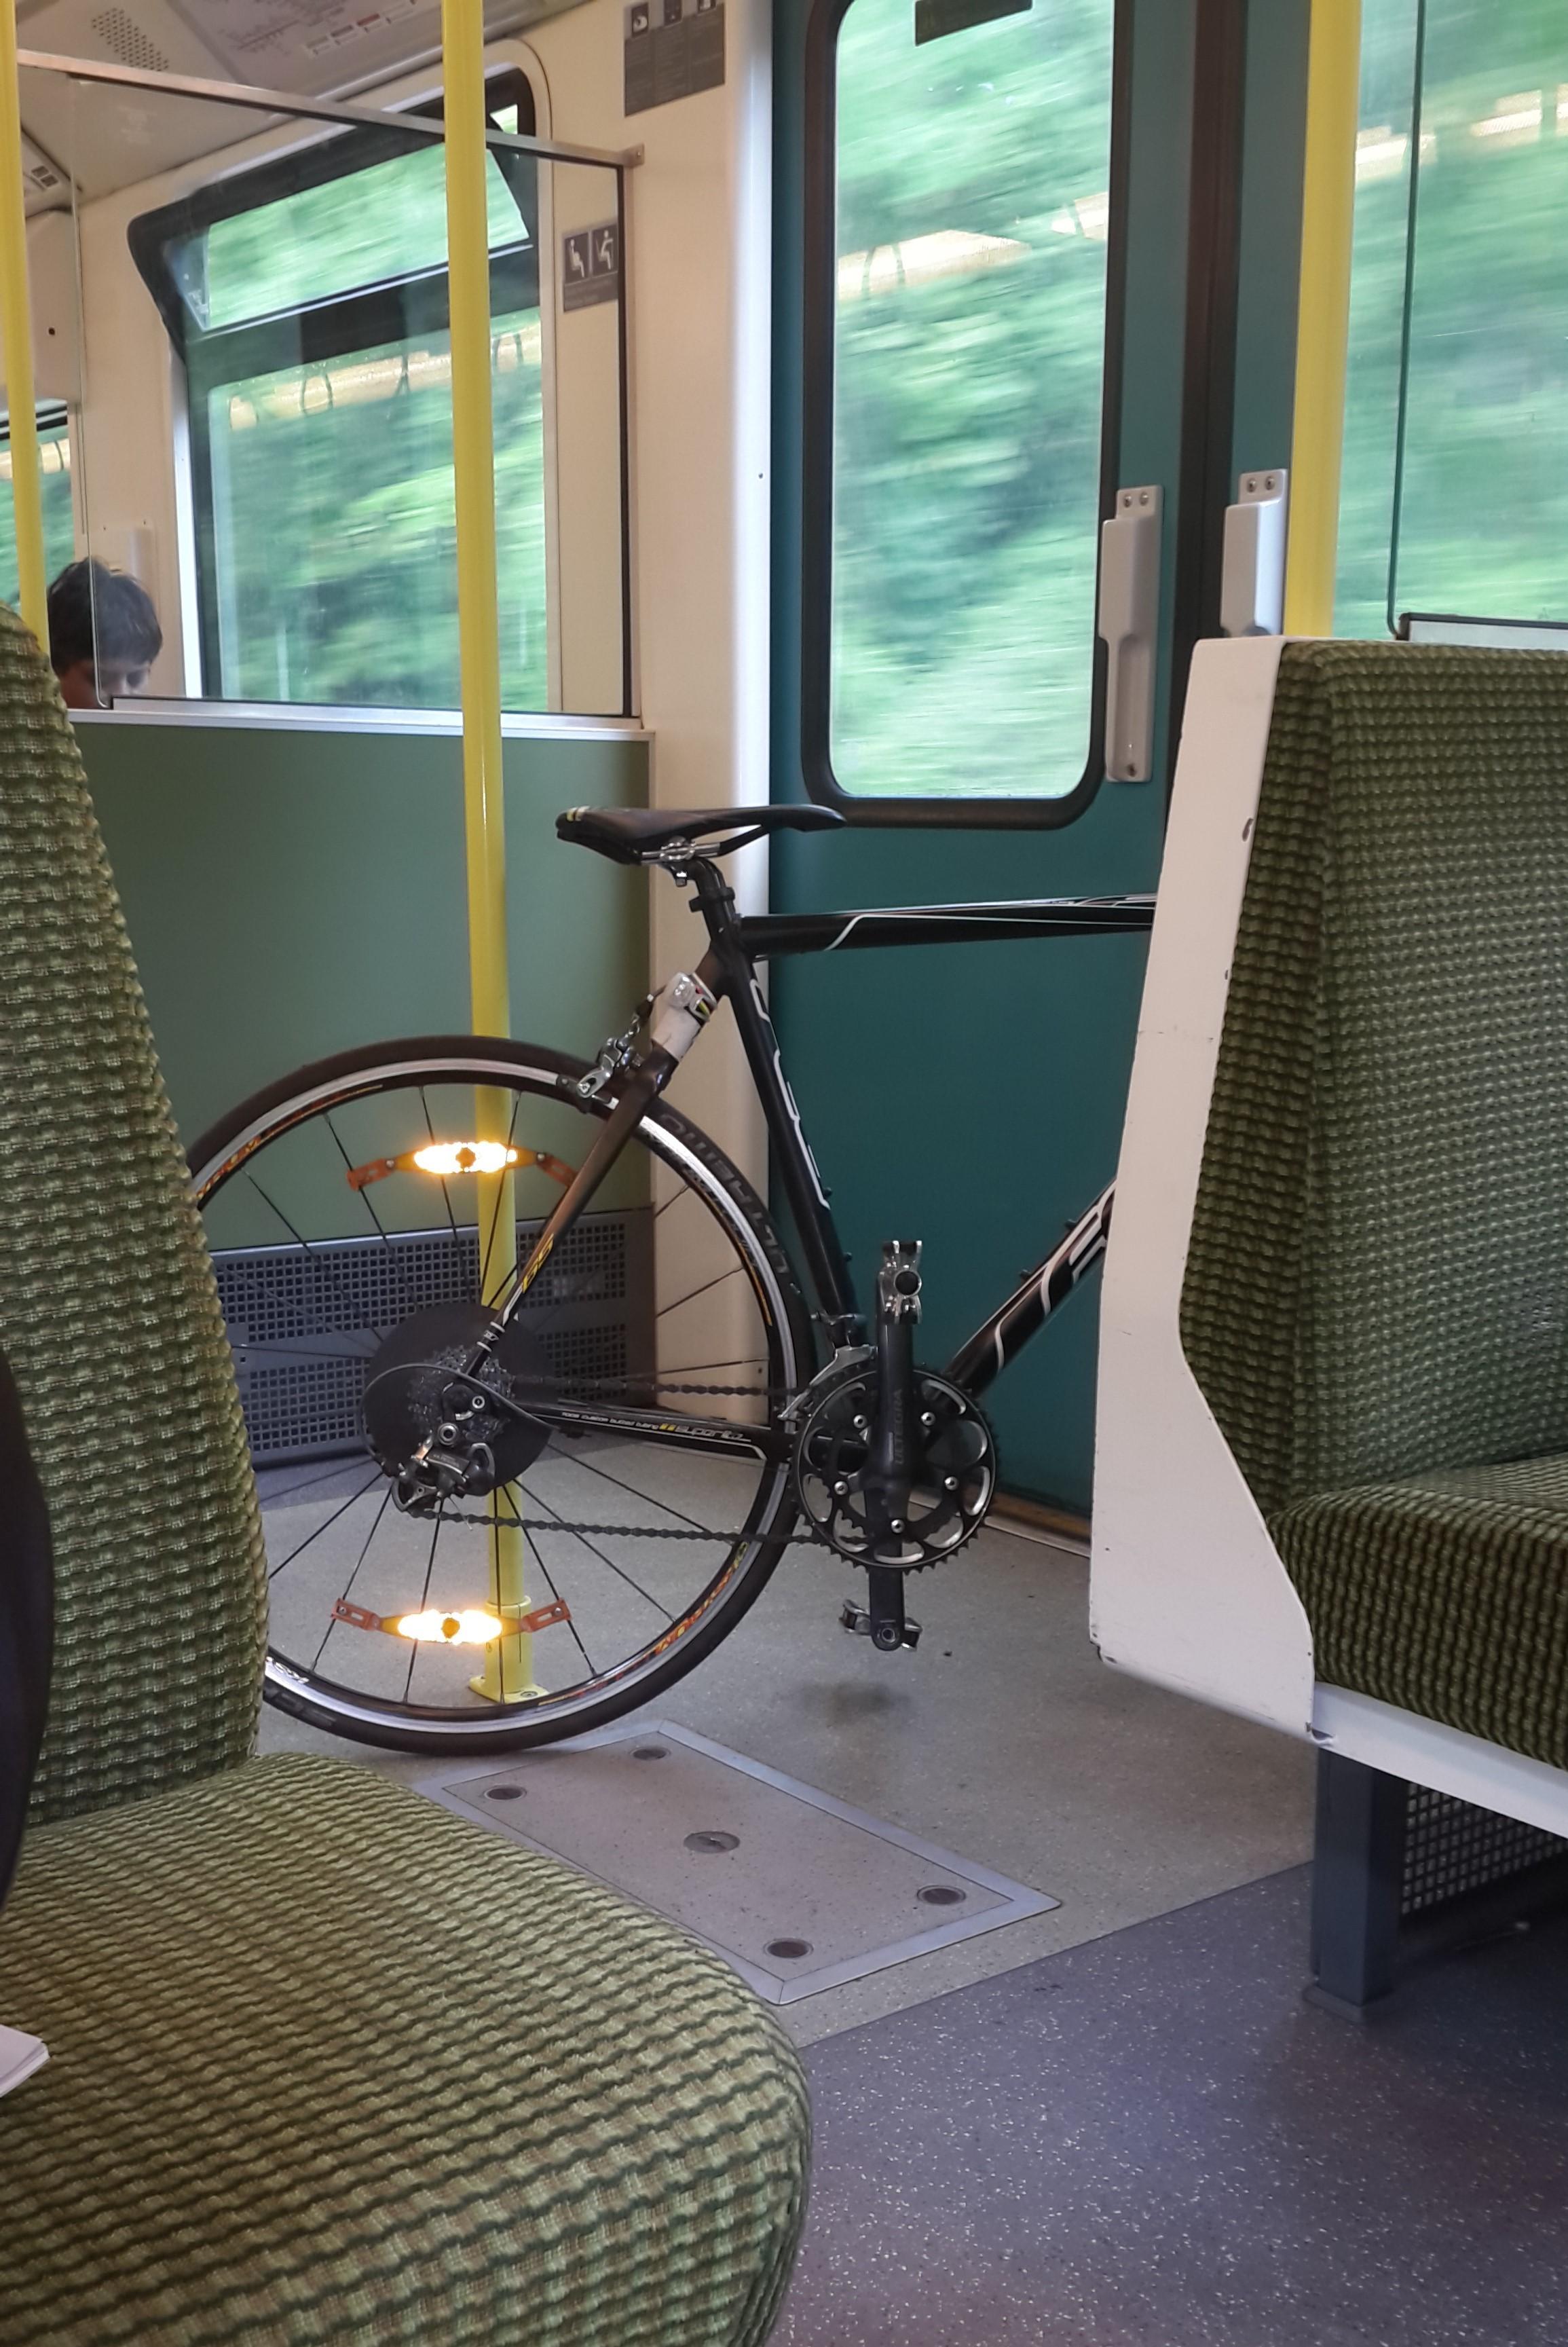 dublin a capital das bicicletas um amor e duas mochilas. Black Bedroom Furniture Sets. Home Design Ideas